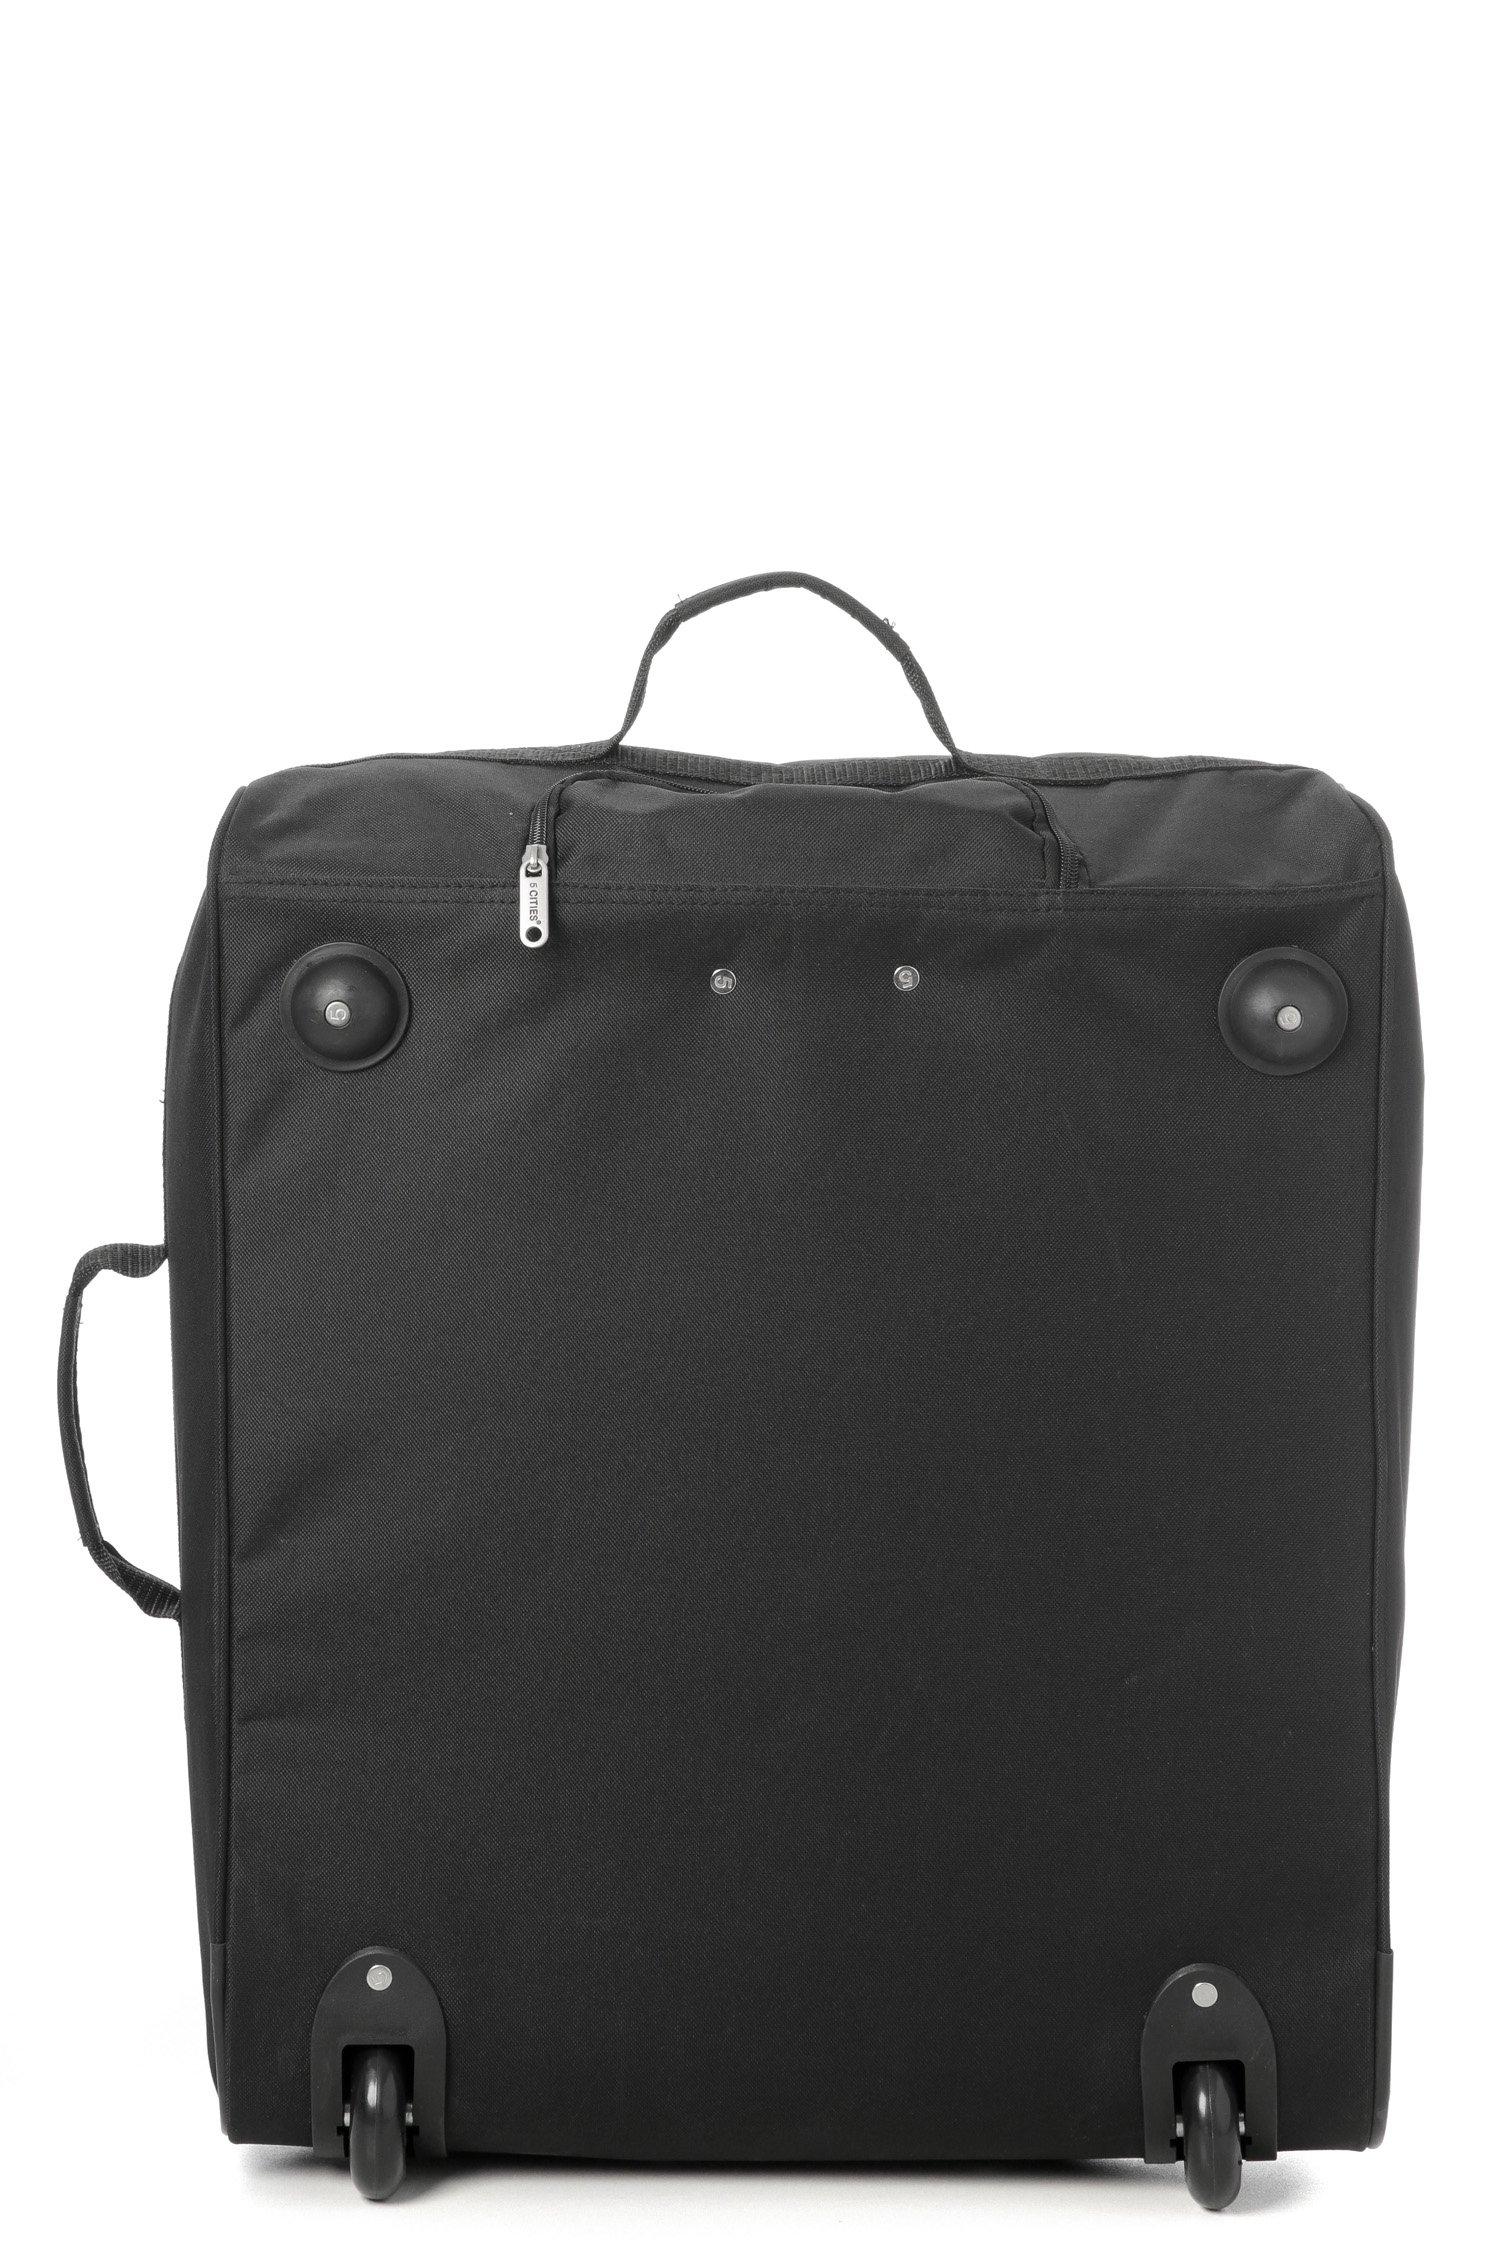 811vvpWRt6L - Easyjet e British Airways 56x45x25cm bagaglio a Mano massima approvato Trolley, 60L Capacità,(2X Negro)